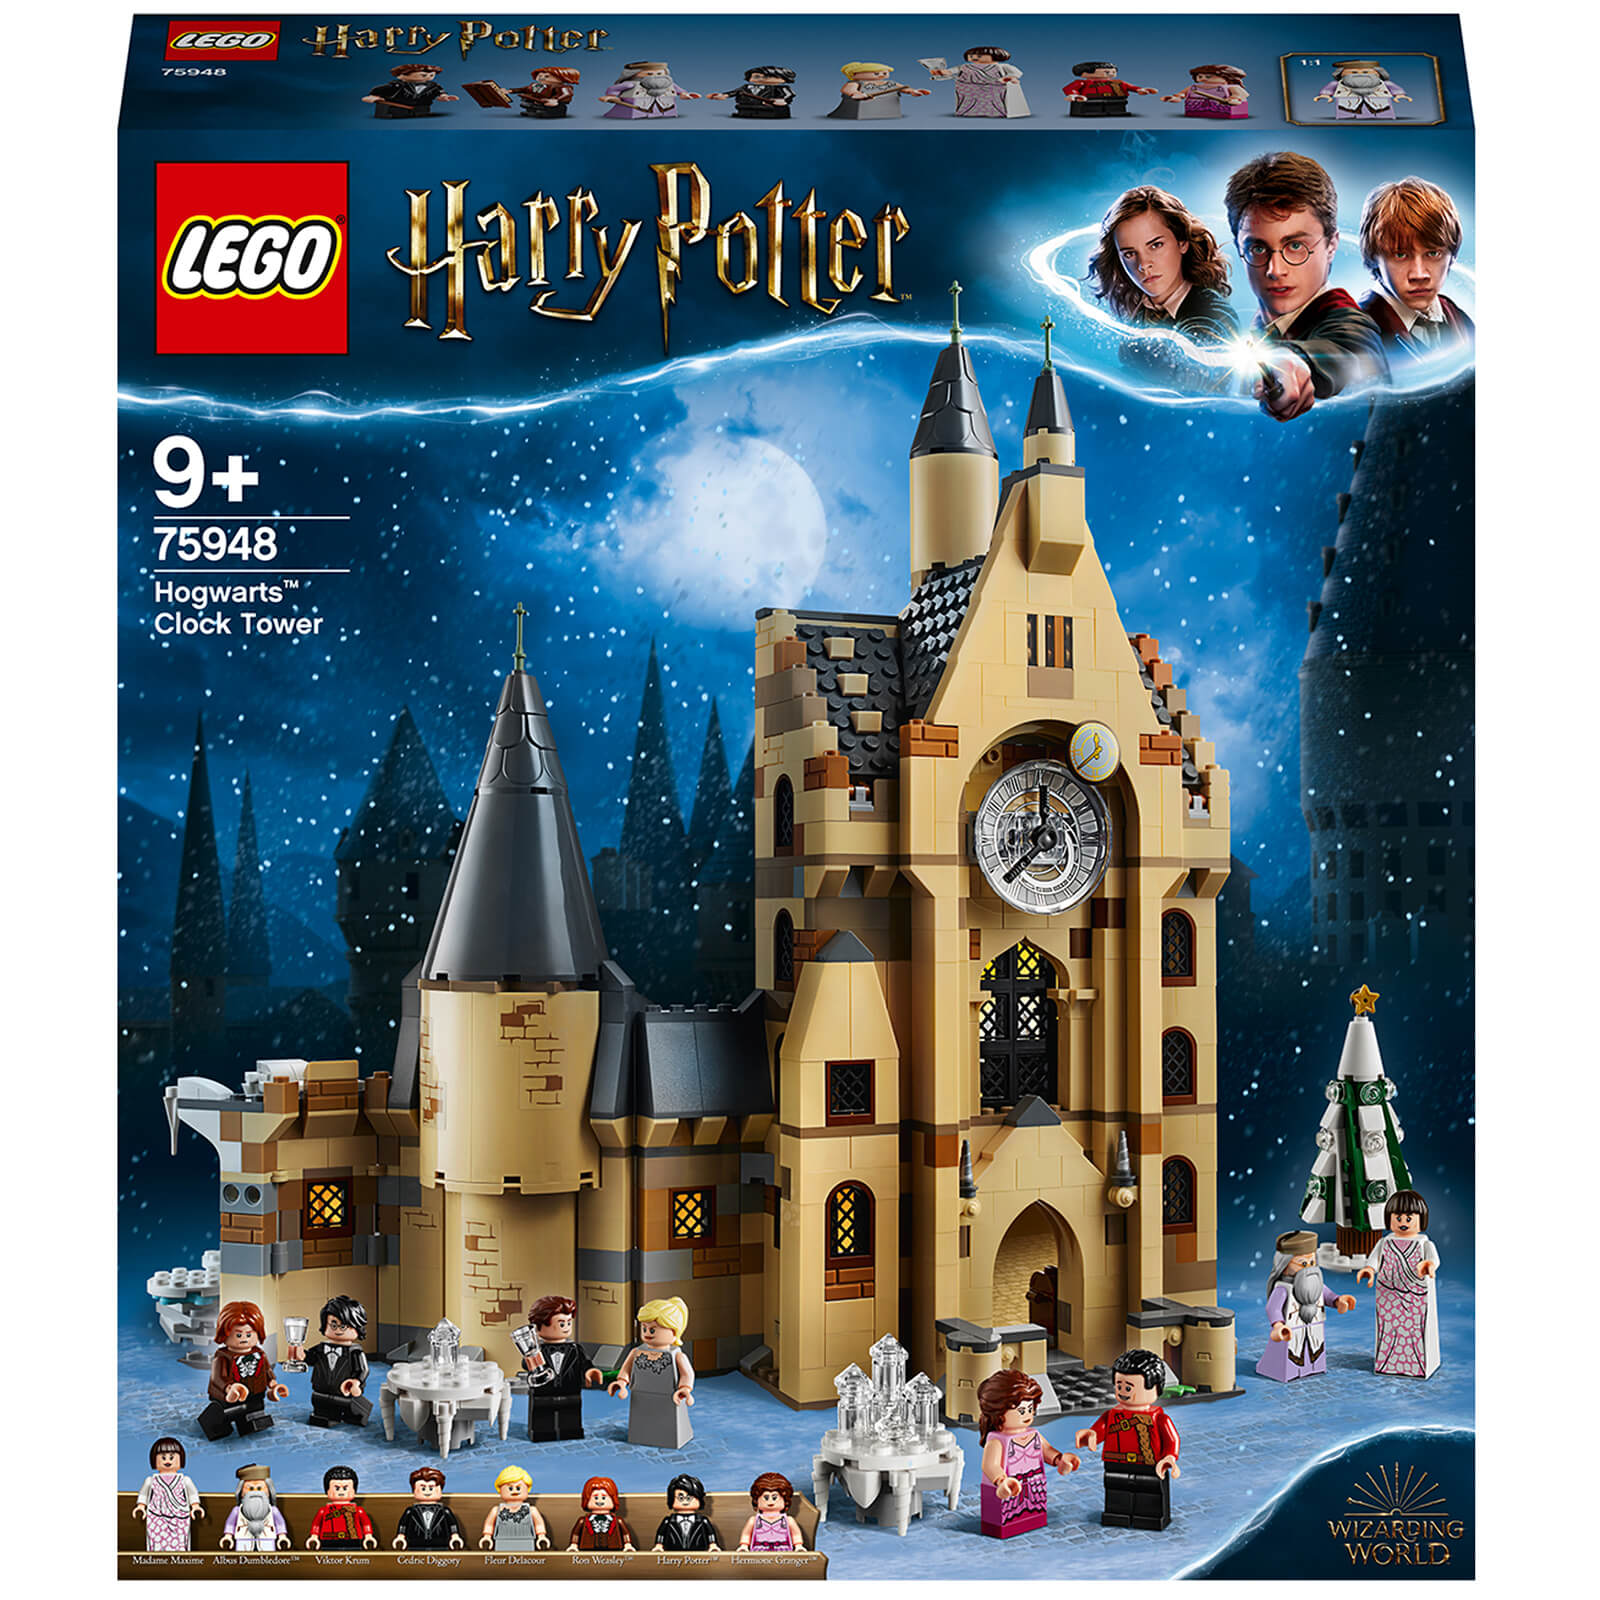 Image of LEGO Harry Potter: Hogwarts Clock Tower Toy (75948)